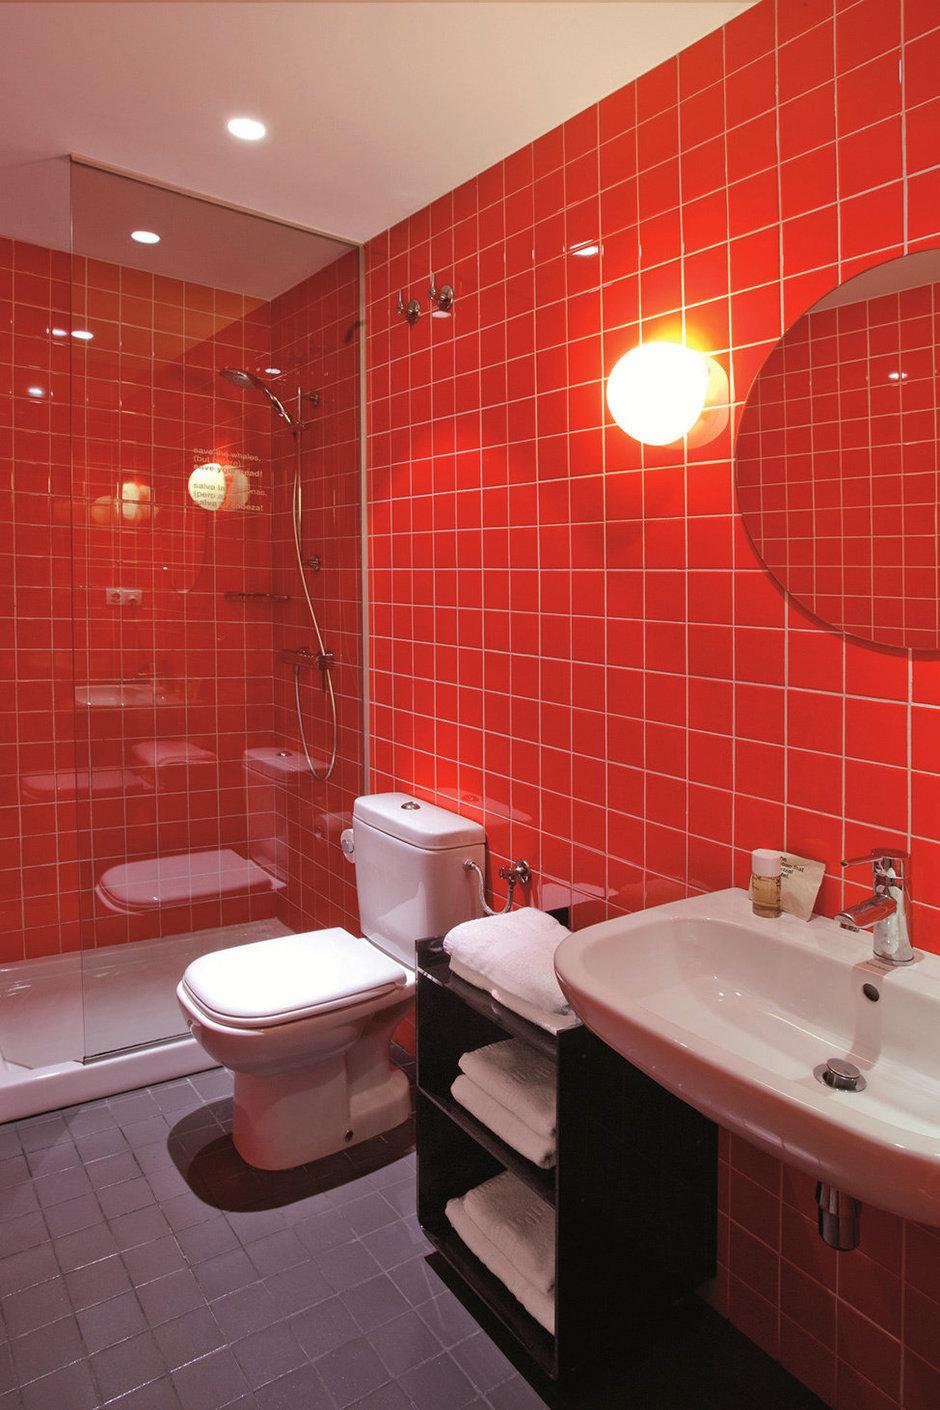 Фотография: Ванная в стиле Современный, Декор интерьера, Дома и квартиры, Городские места, Отель, Барселона – фото на InMyRoom.ru